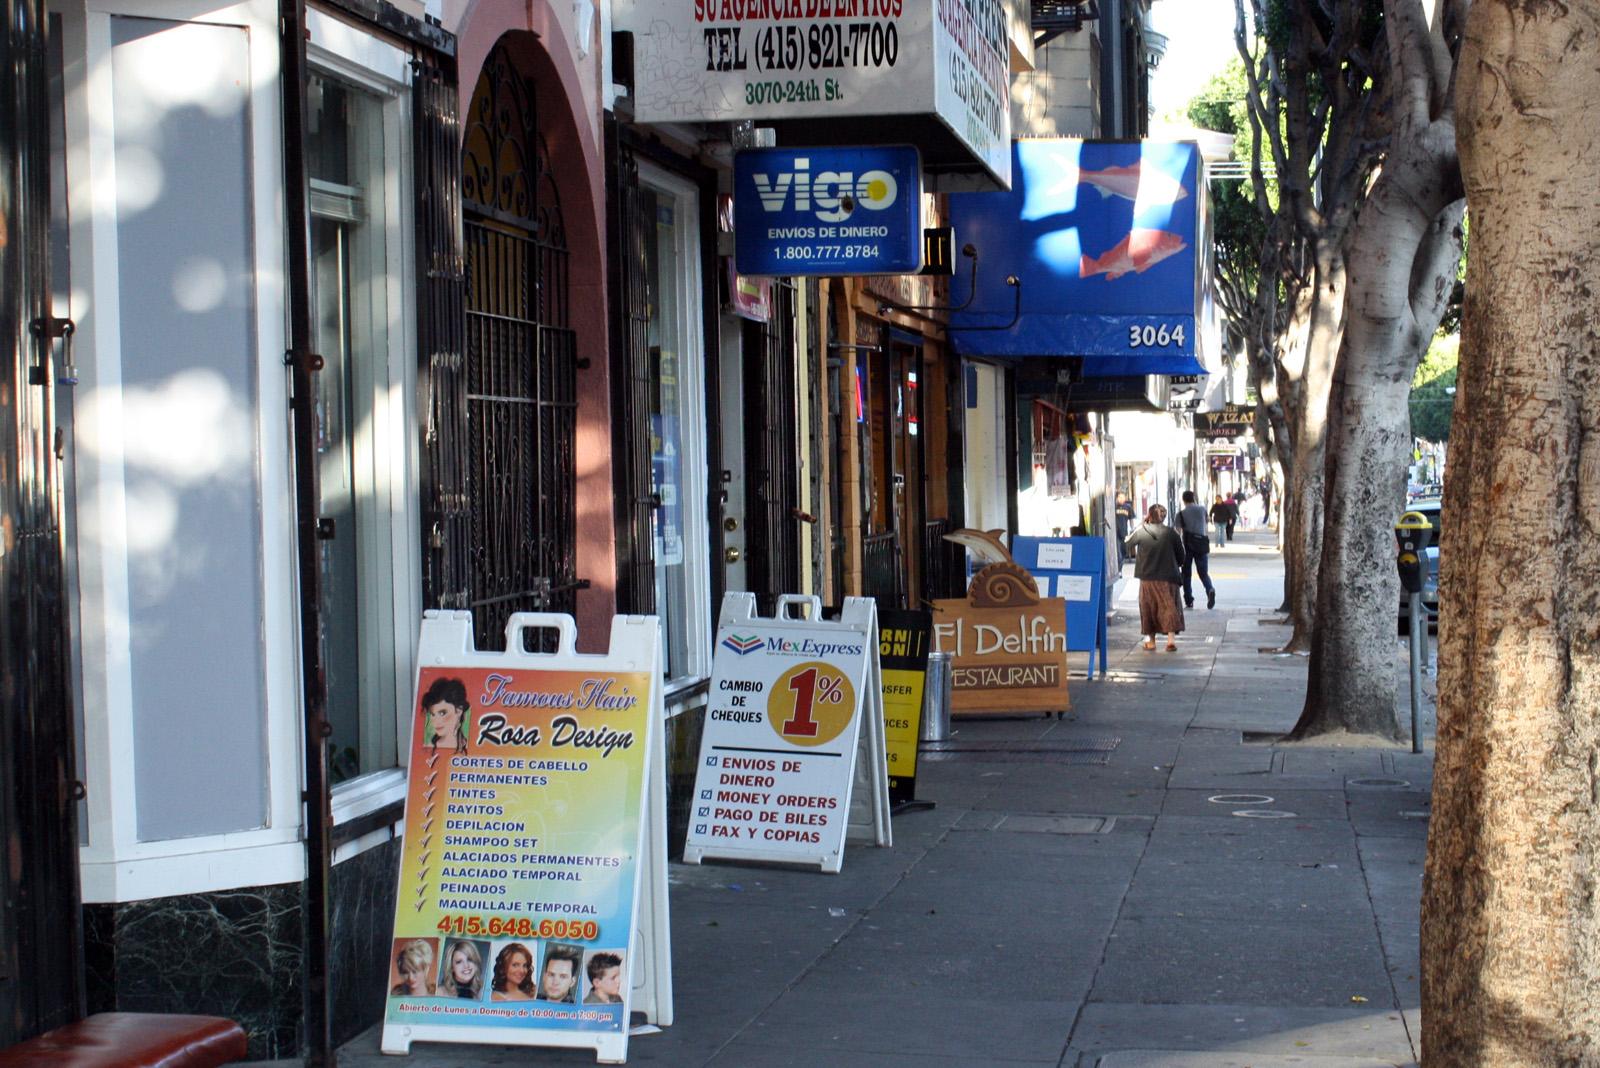 24th Street Fights Layoffs